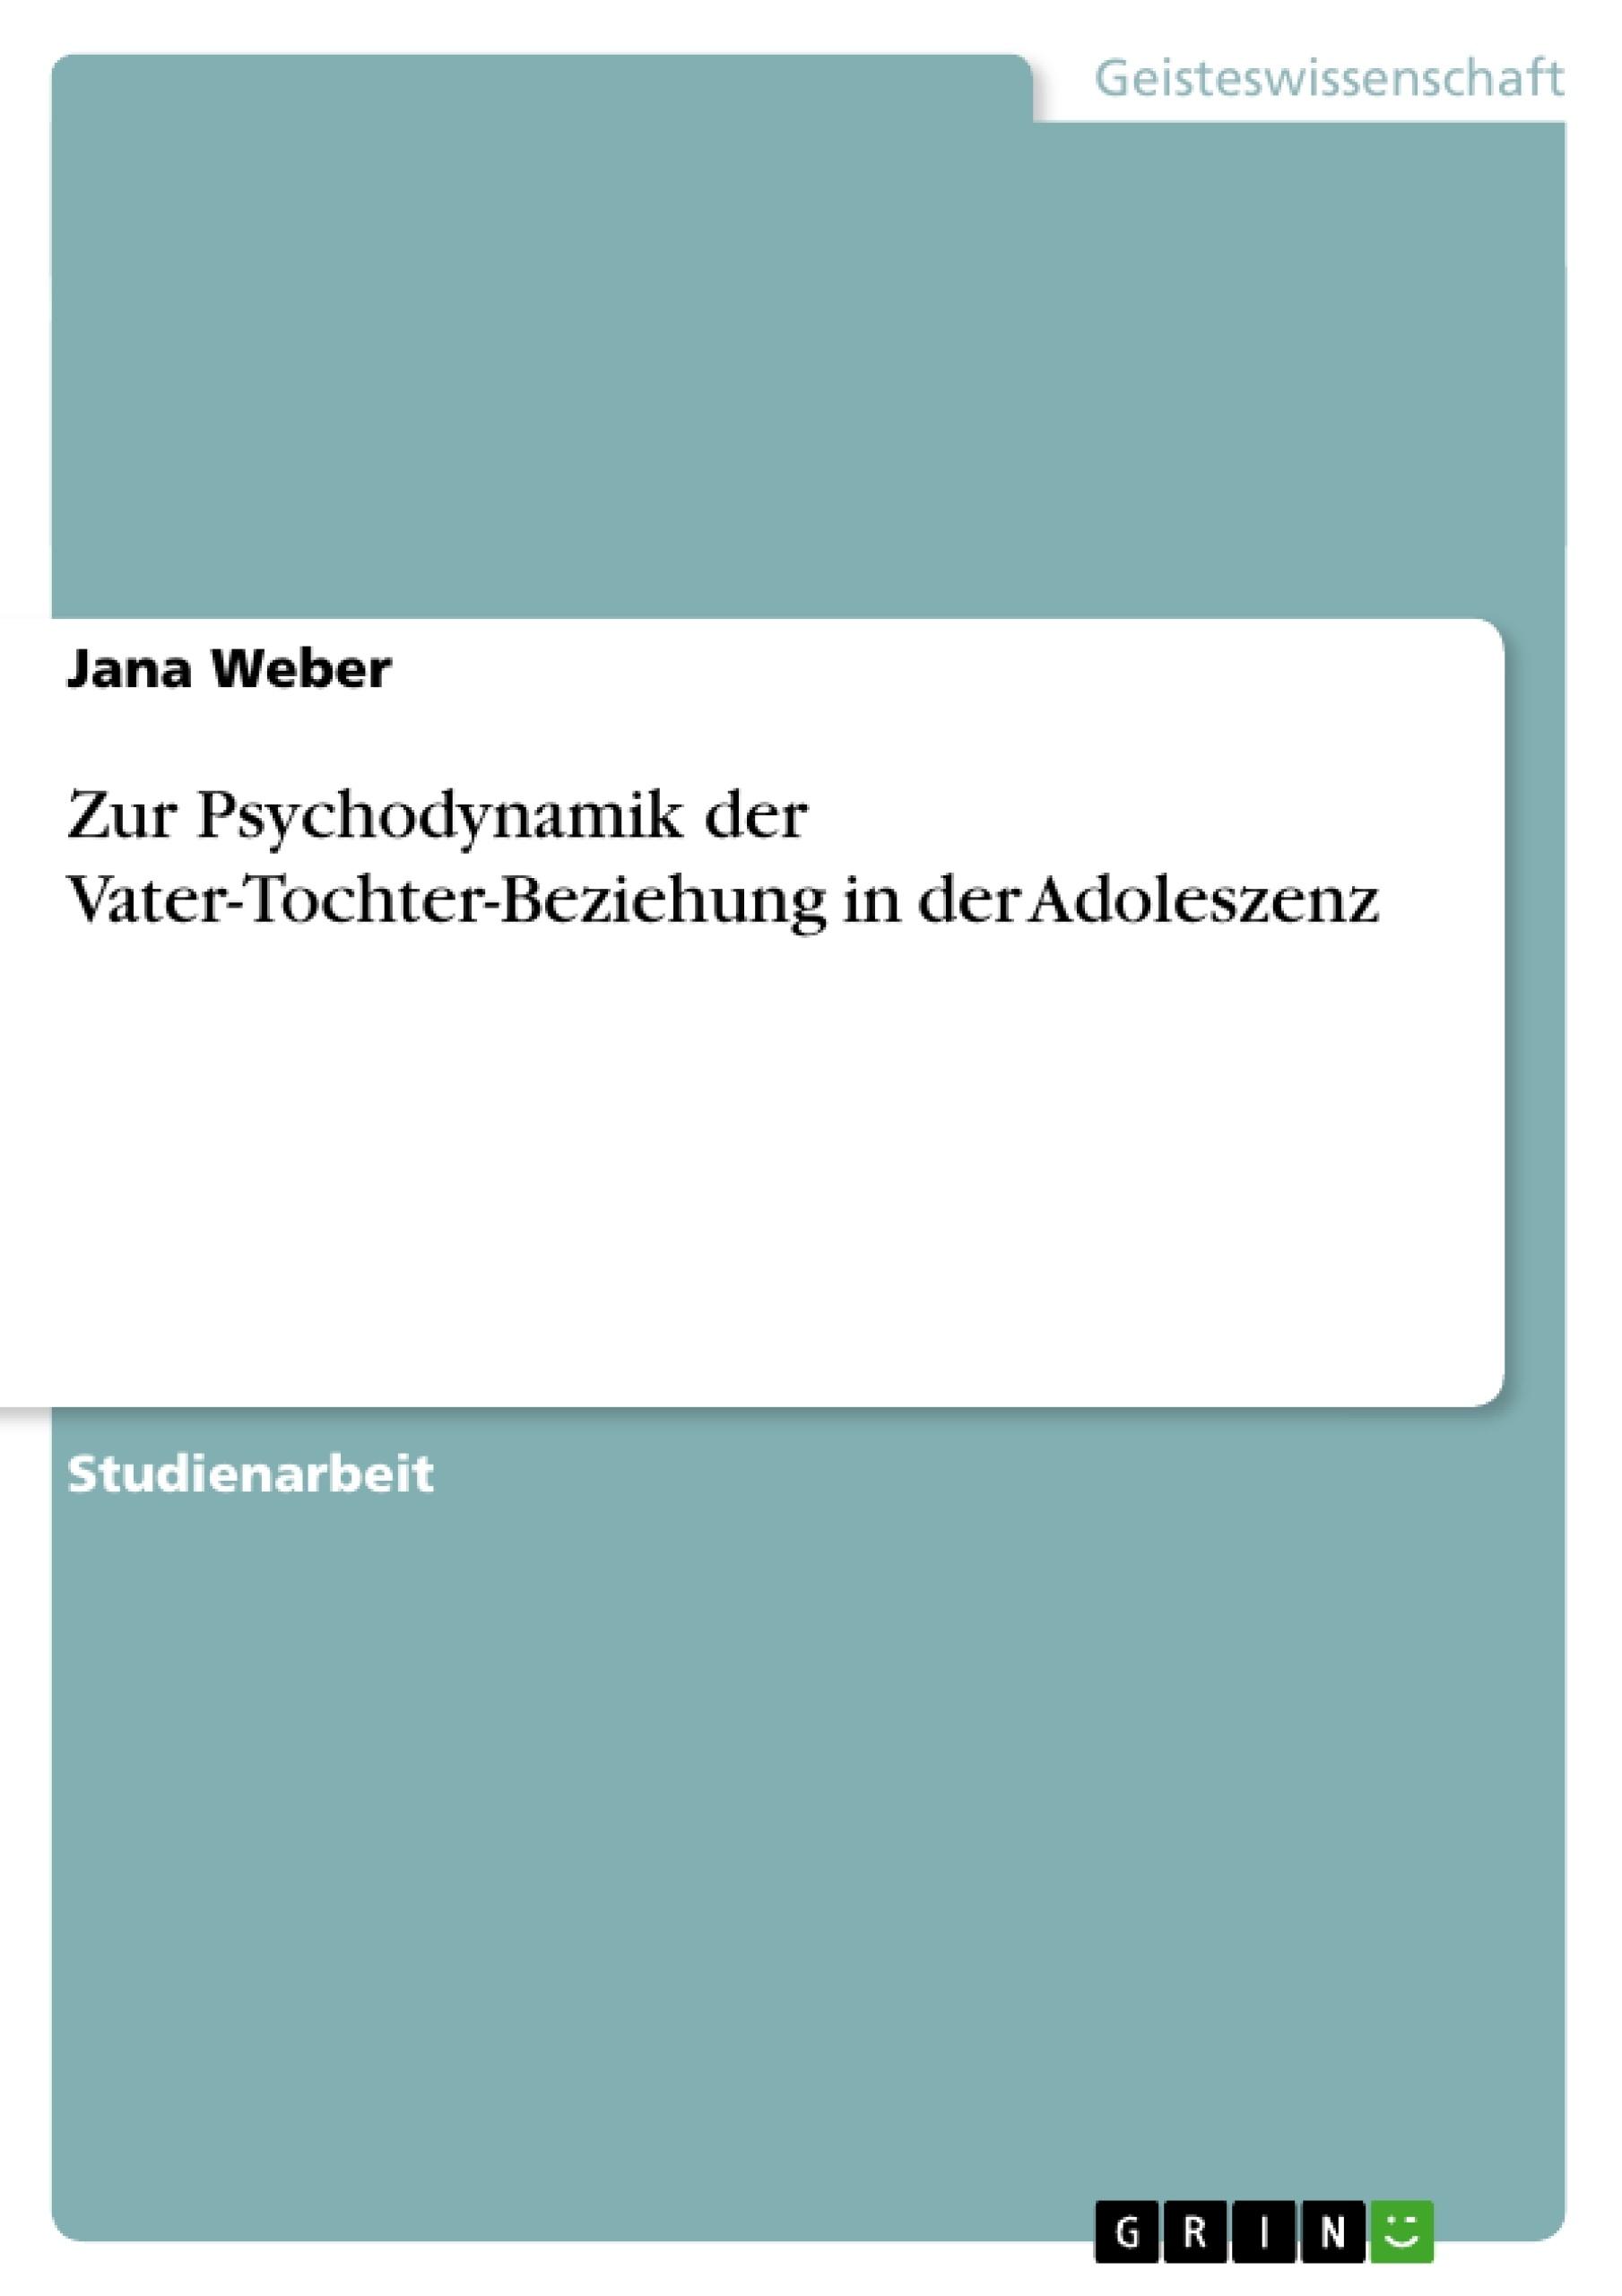 Titel: Zur Psychodynamik der Vater-Tochter-Beziehung in der Adoleszenz